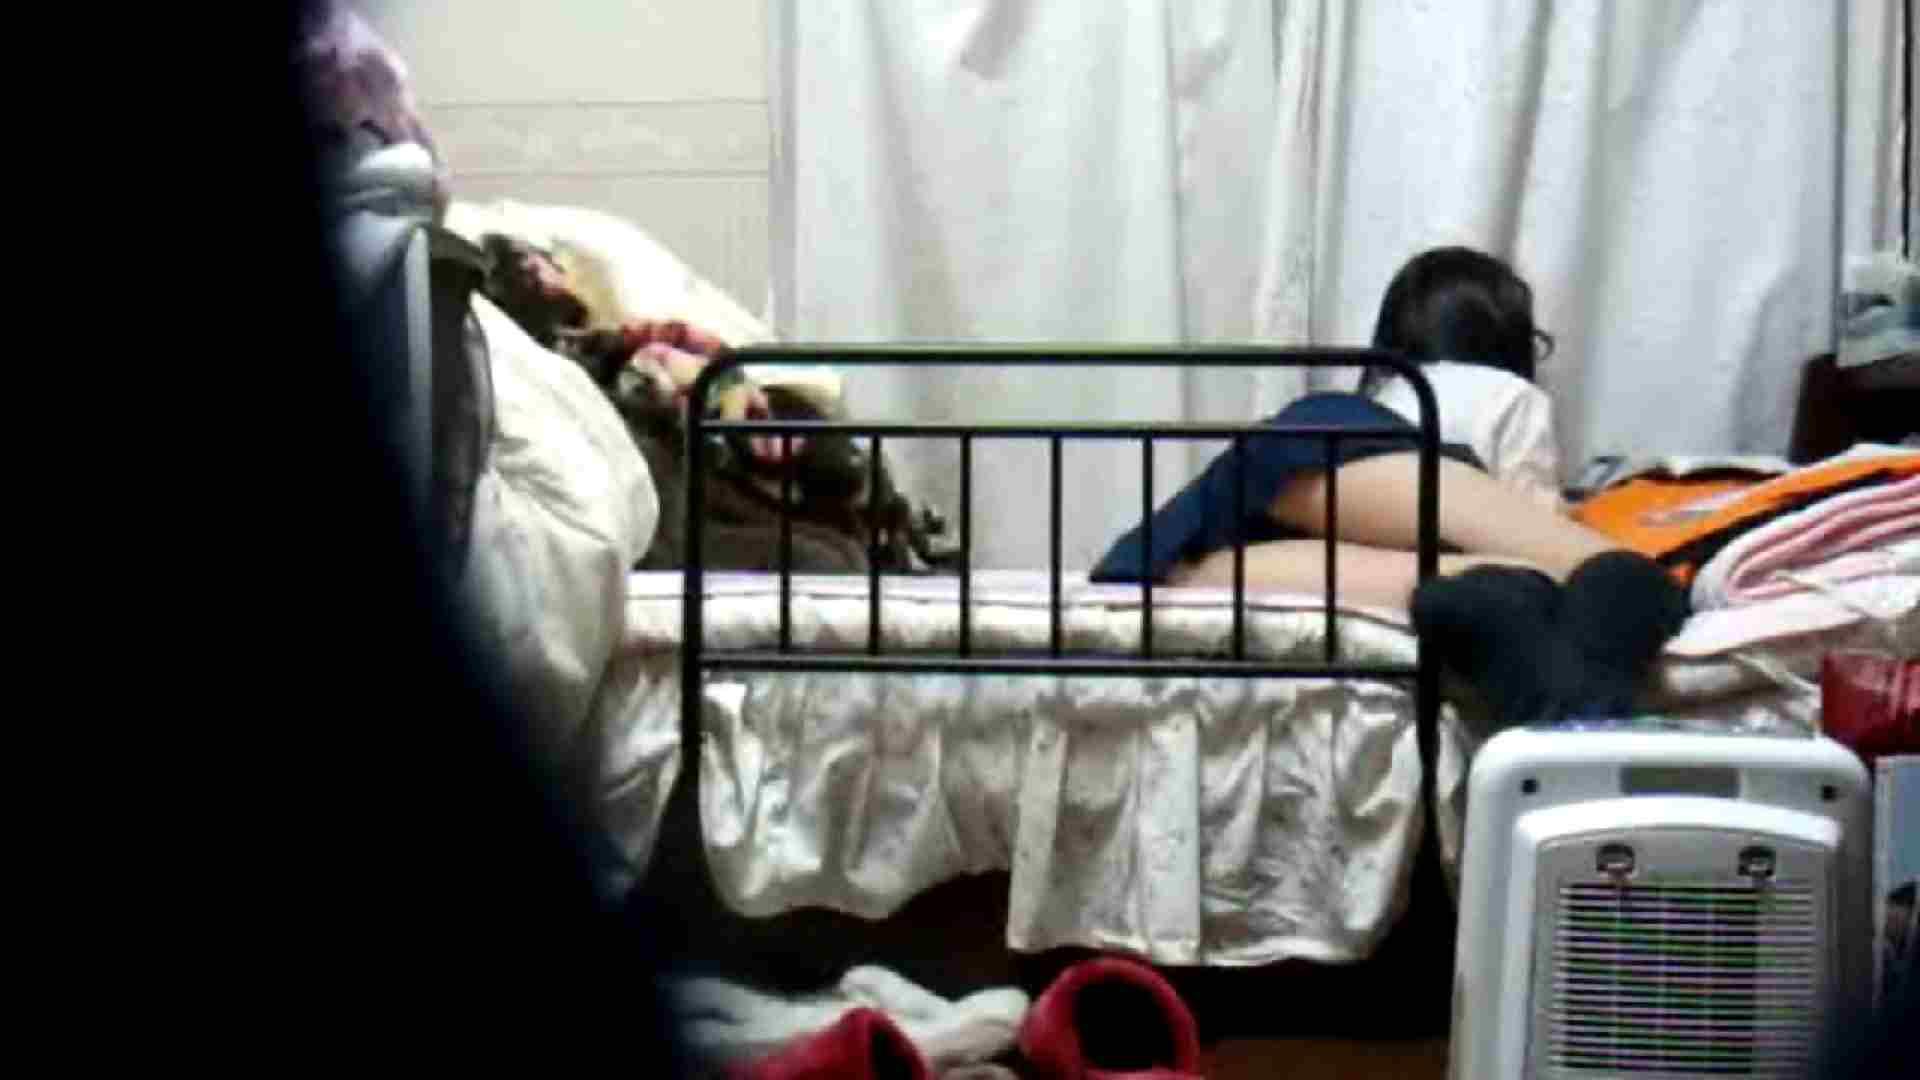 二人とも育てた甲斐がありました… vol.04 まどかが帰宅してベッドでセックス OLセックス | セックス  57画像 19